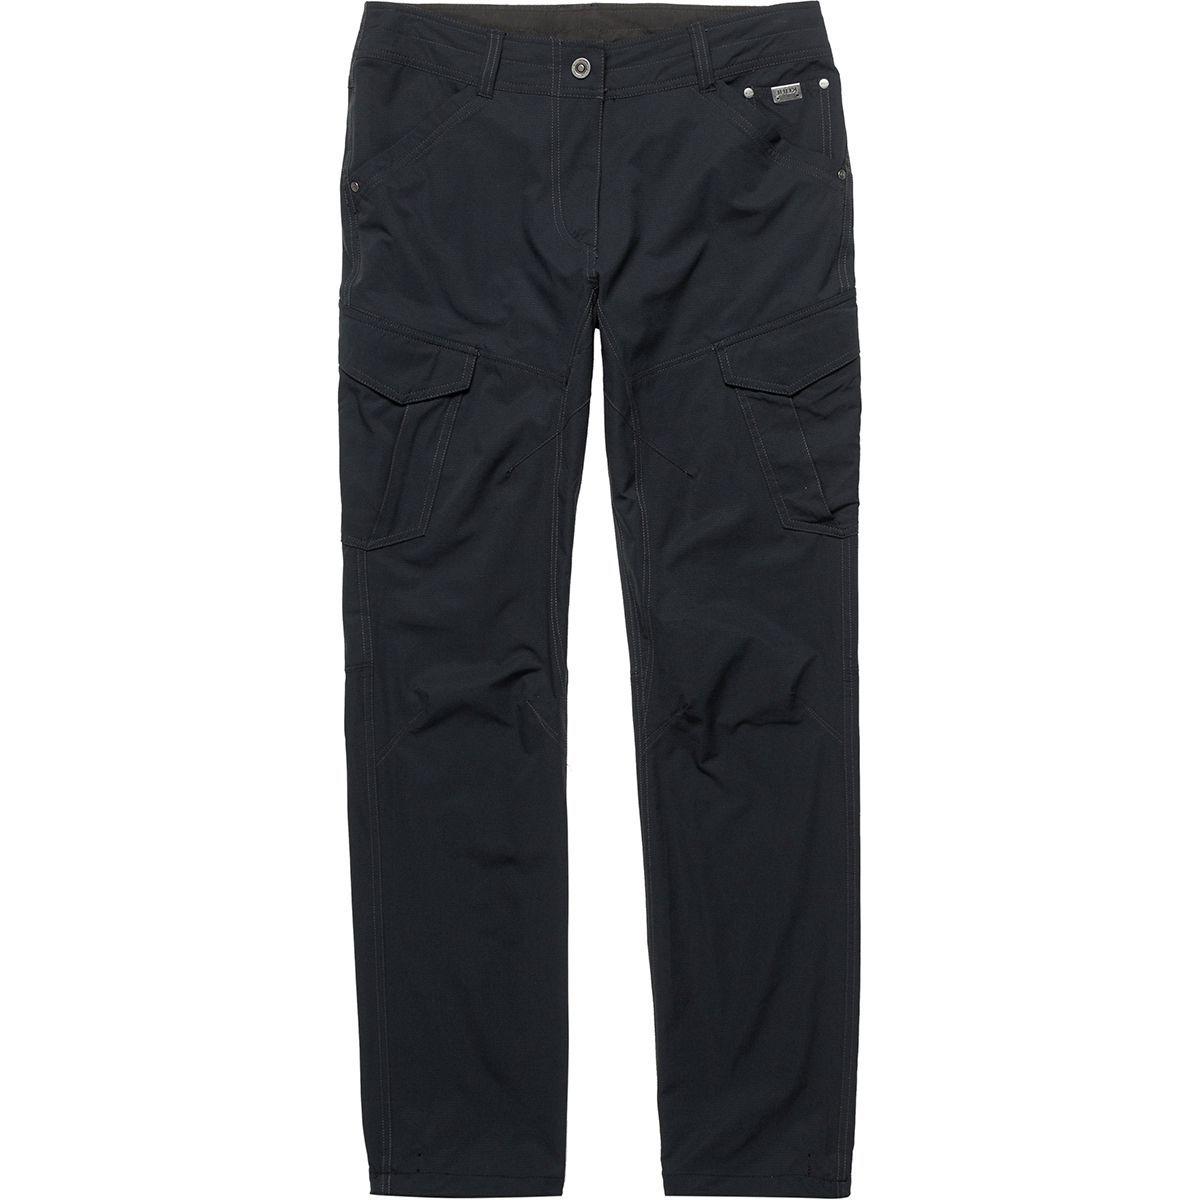 KUHL Silencr Kargo Pants - Men's